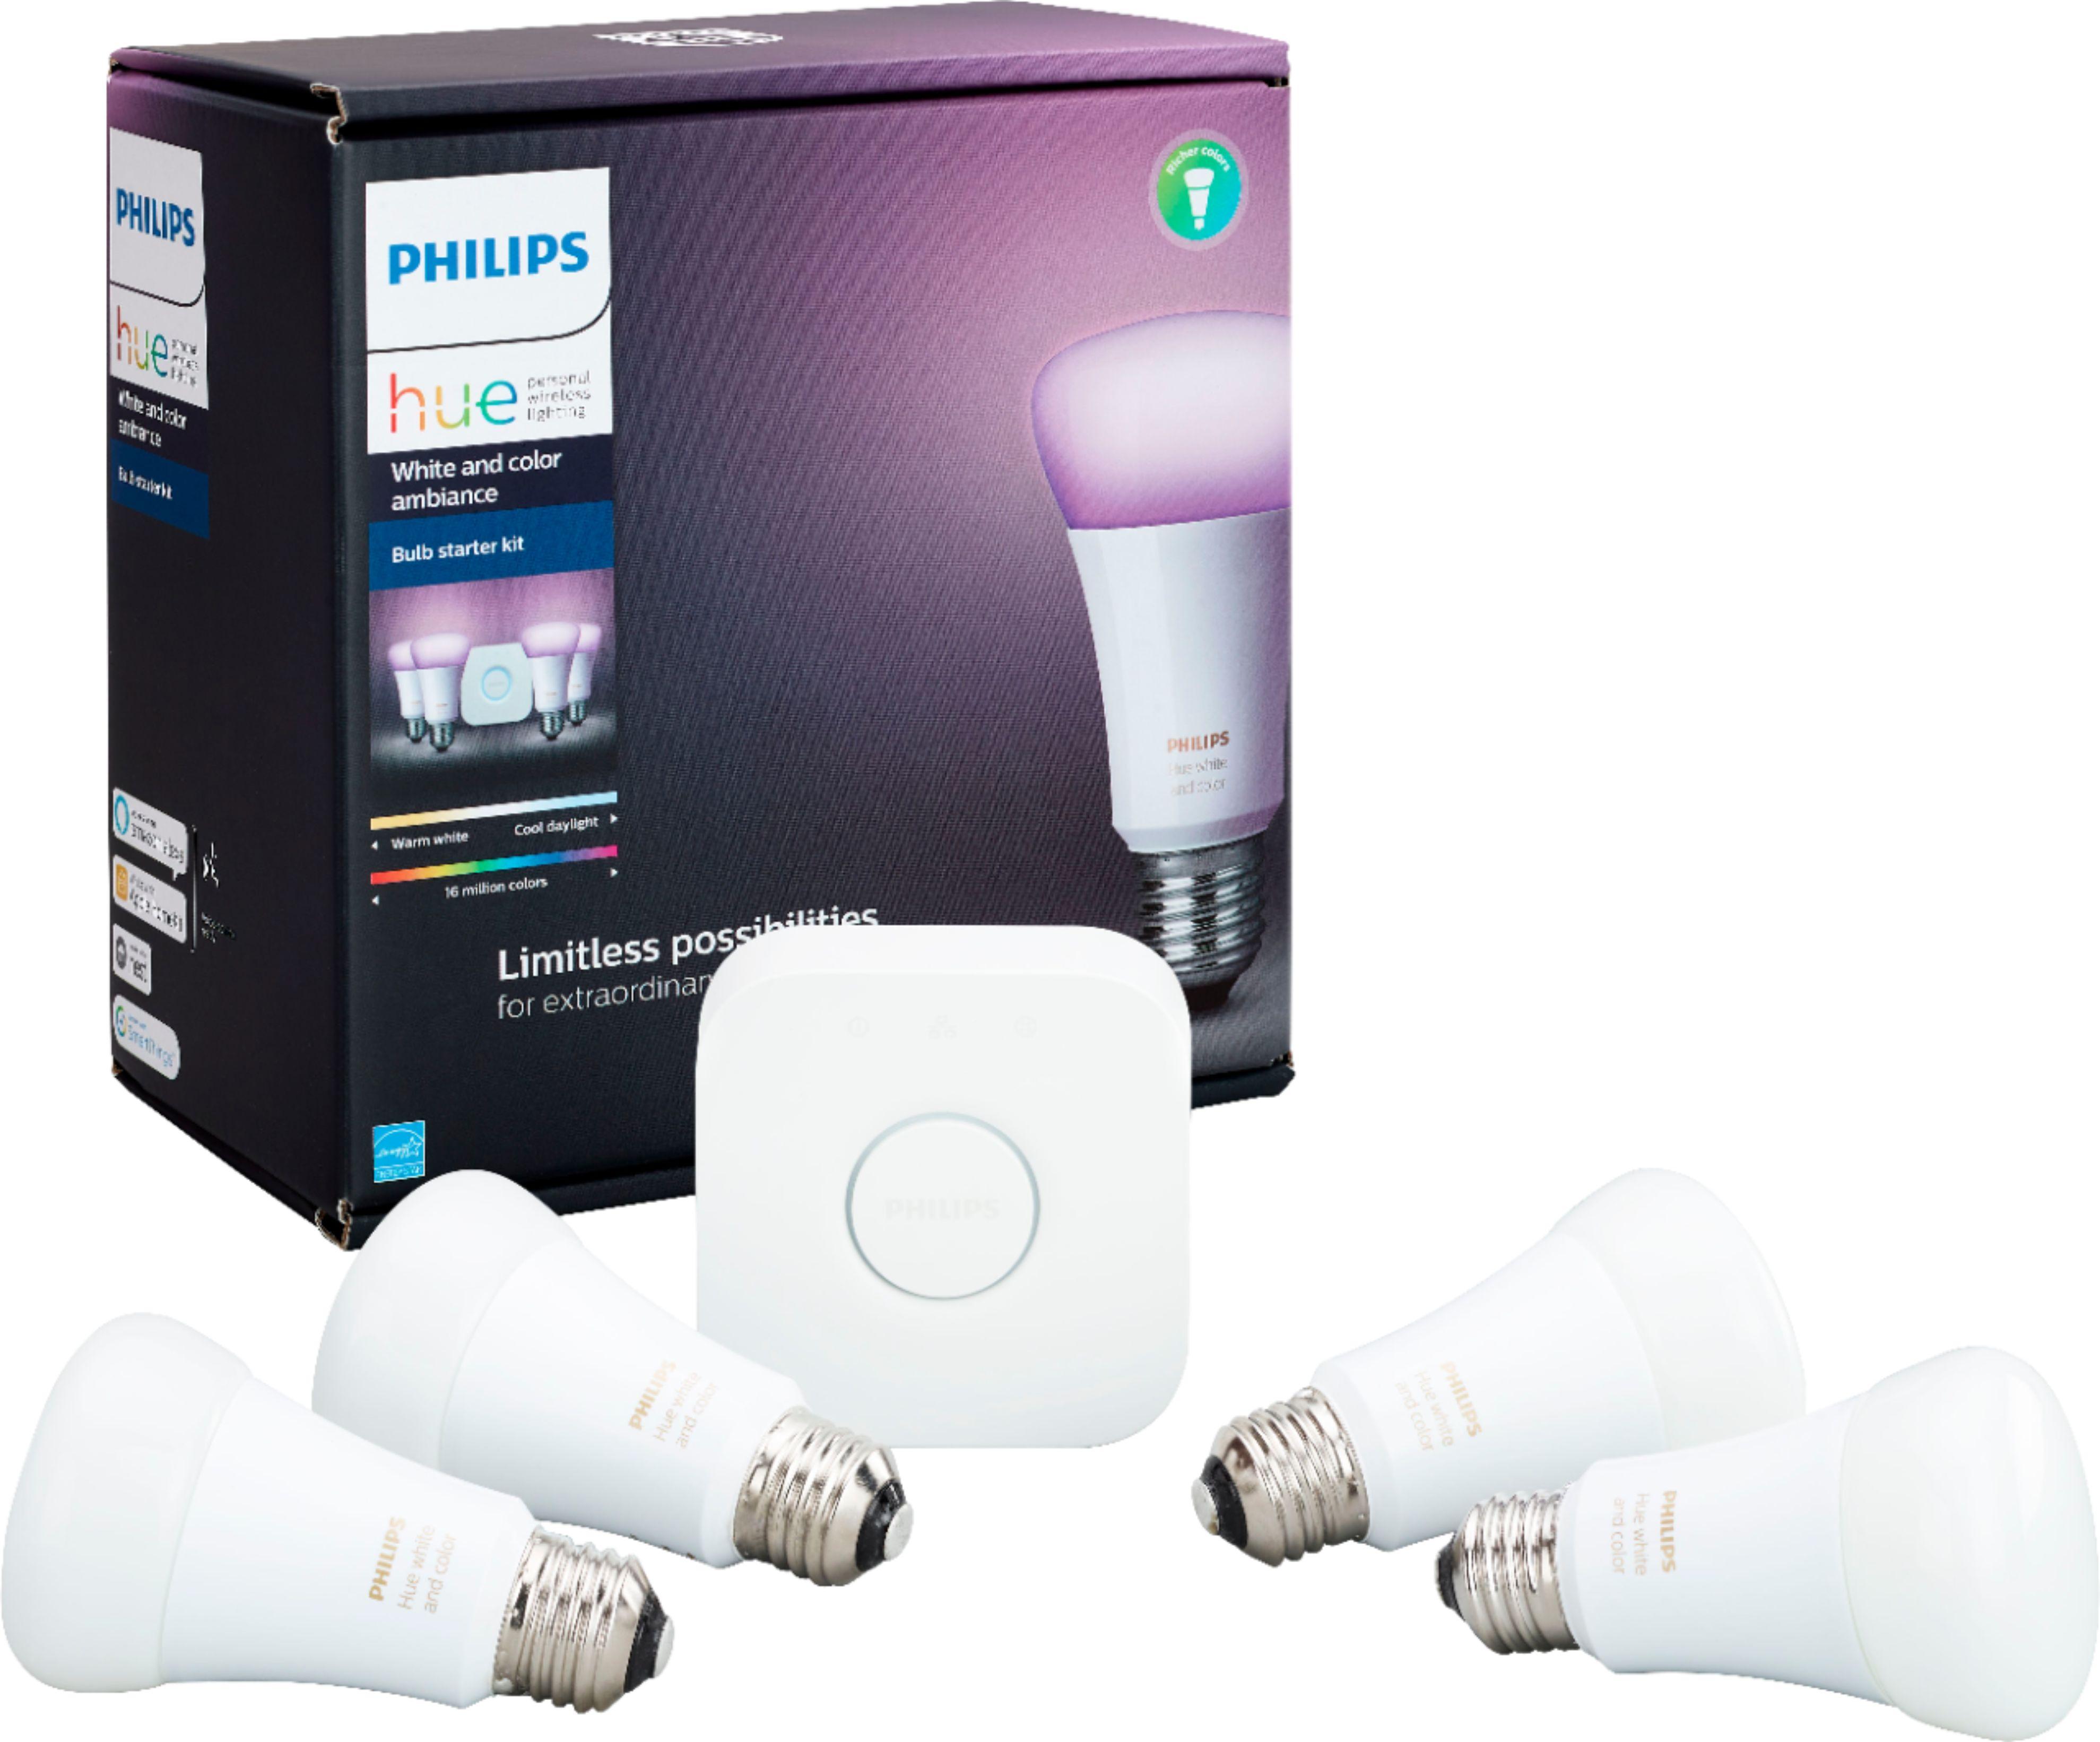 Para controlar a iluminação em sua casa inteligente